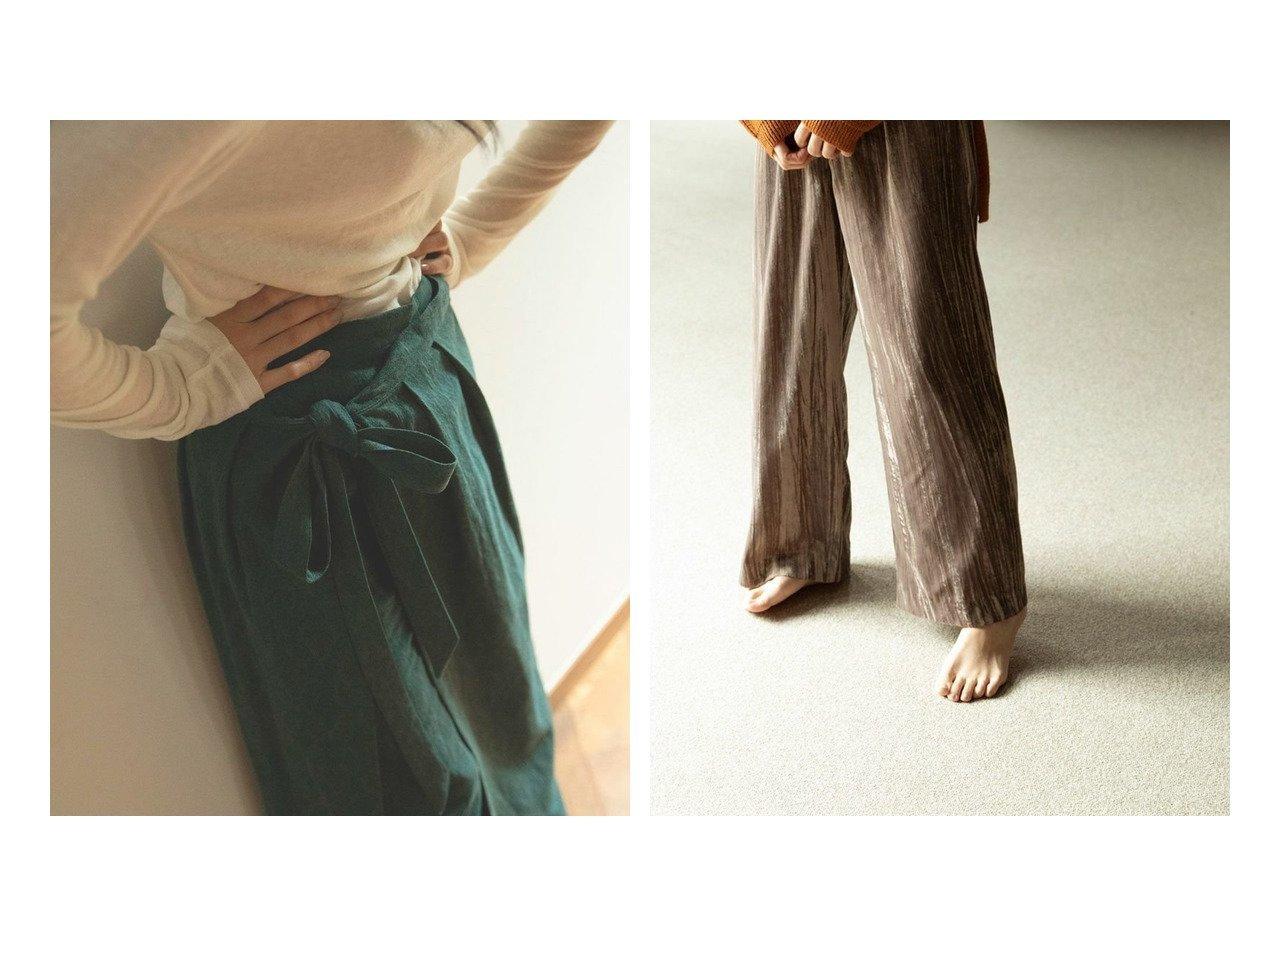 【marjour/マージュール】のラップスカート付きレイヤードパンツ WRAP SKIRT LAYERED PANTS&リラックスベロアパンツ RELAX VELOUR PANTS マージュールのおすすめ!人気、トレンド・レディースファッションの通販 おすすめで人気の流行・トレンド、ファッションの通販商品 メンズファッション・キッズファッション・インテリア・家具・レディースファッション・服の通販 founy(ファニー) https://founy.com/ ファッション Fashion レディースファッション WOMEN スカート Skirt パンツ Pants シンプル ラップ プリーツ ベロア リラックス |ID:crp329100000021538